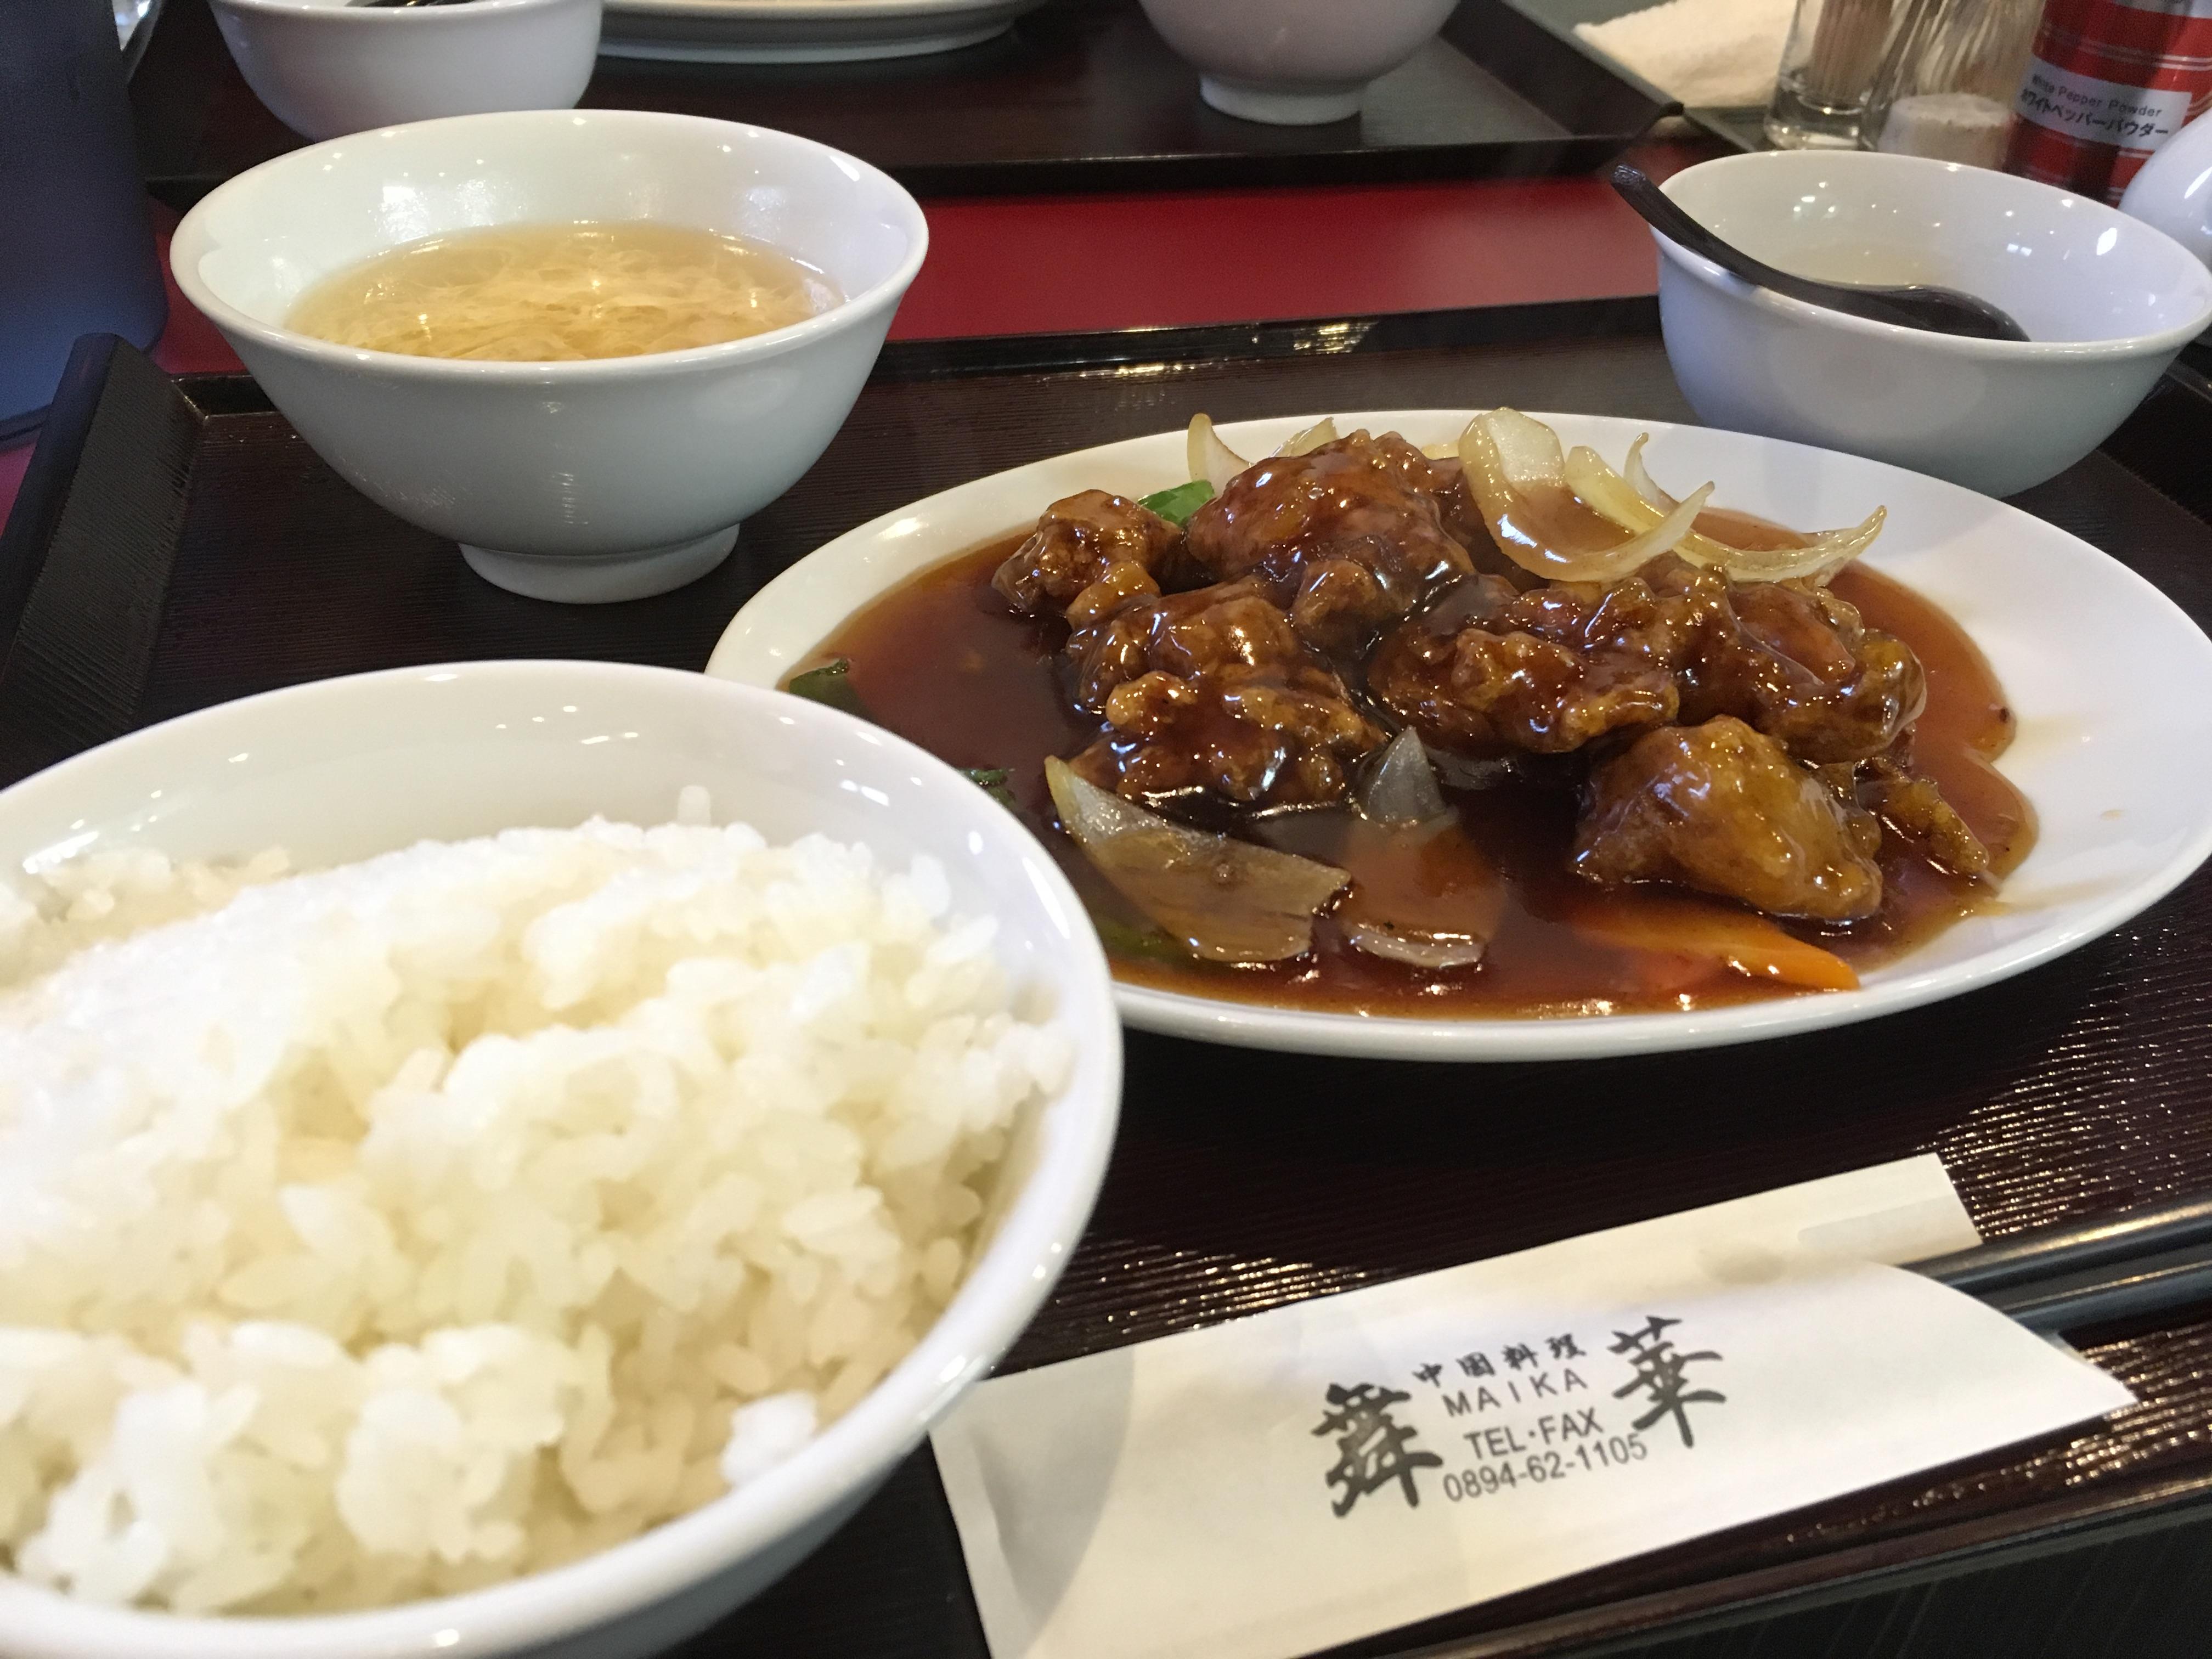 西予市宇和町で本格中華が食べられる!話題の「舞華」(まいか)さんで「酢豚定食」を食べてきた!